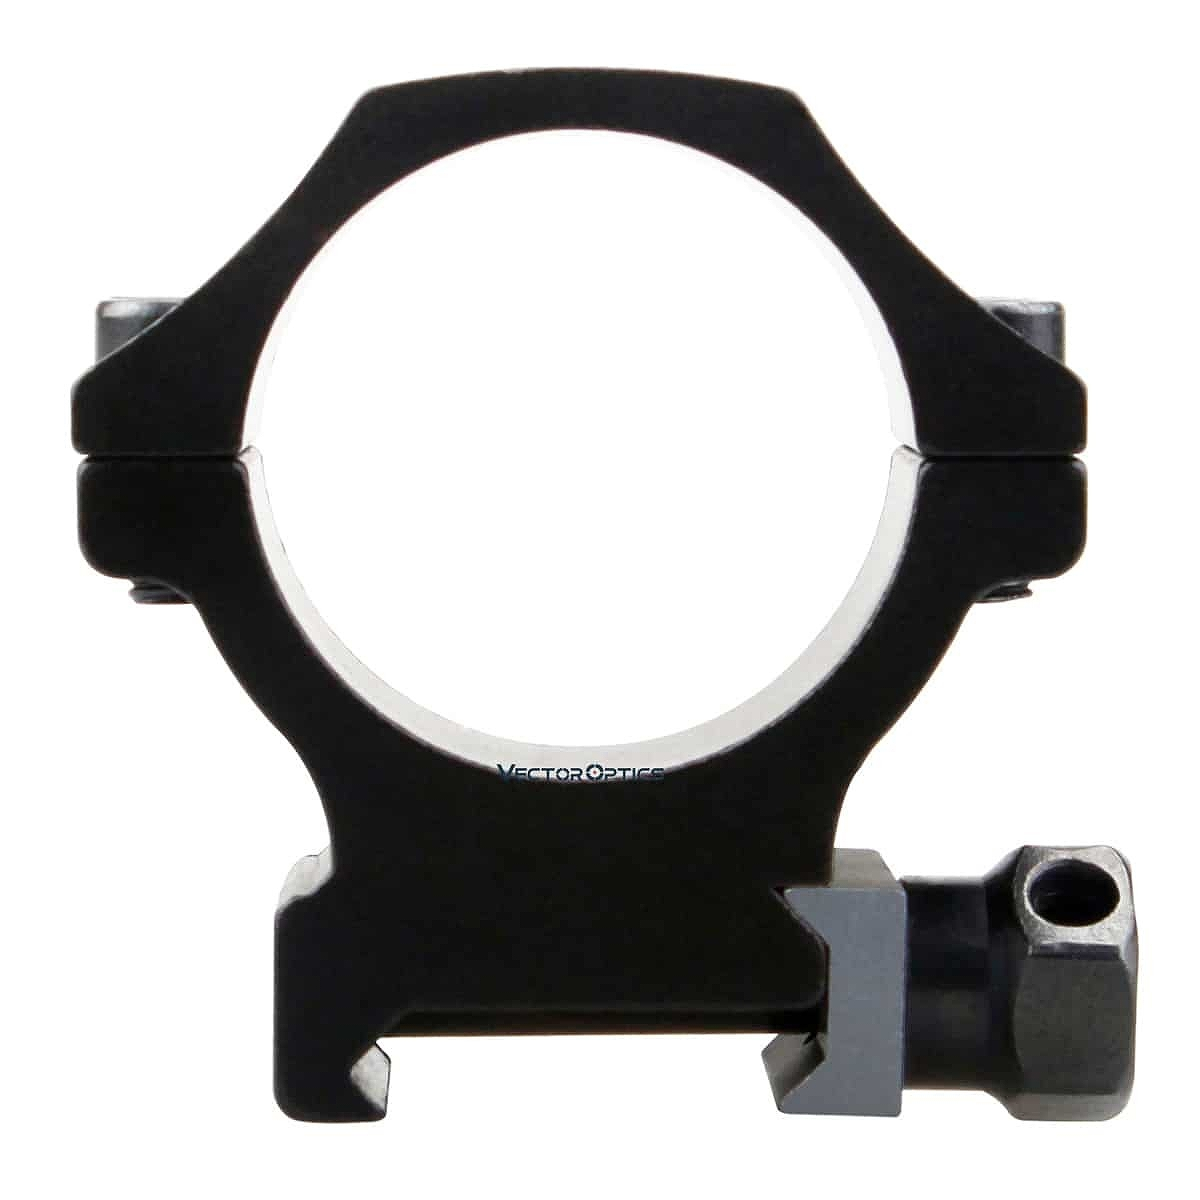 ベクターオプティクス スコープマウント 30mm X-Accu 1″Profile Picatinny Rings  Vector Optics SCTM-33